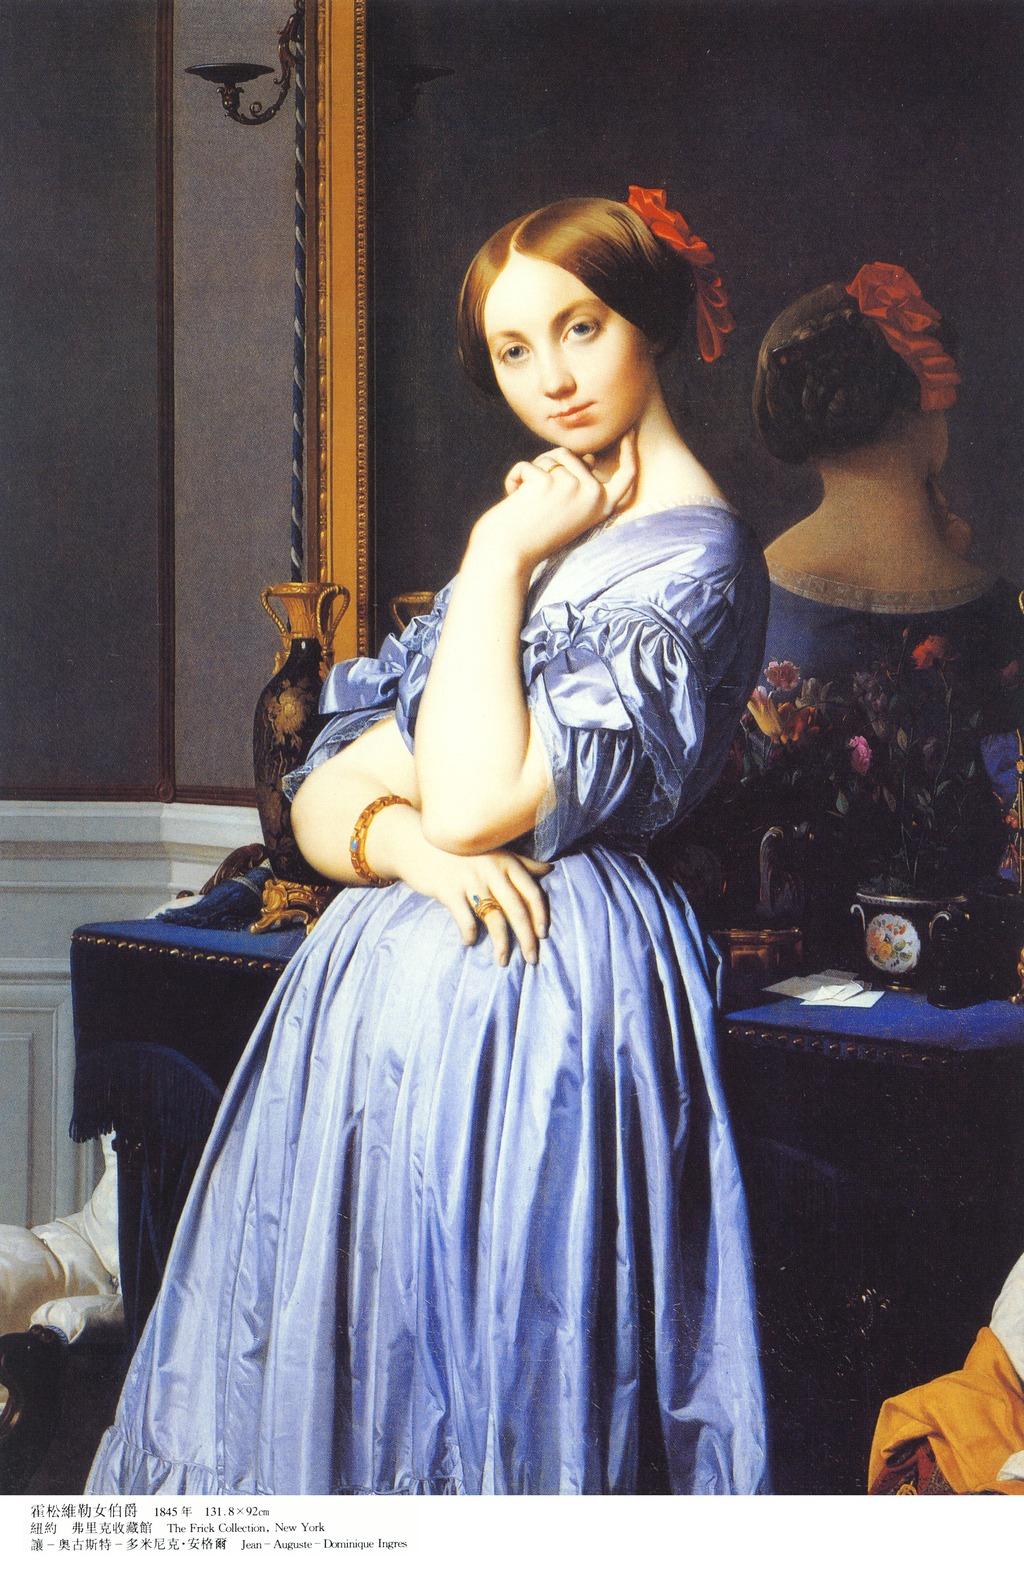 人物 手绘 肖像 长方形 竖版 人像 画像 中世纪 宫廷 女人 妇人 高贵